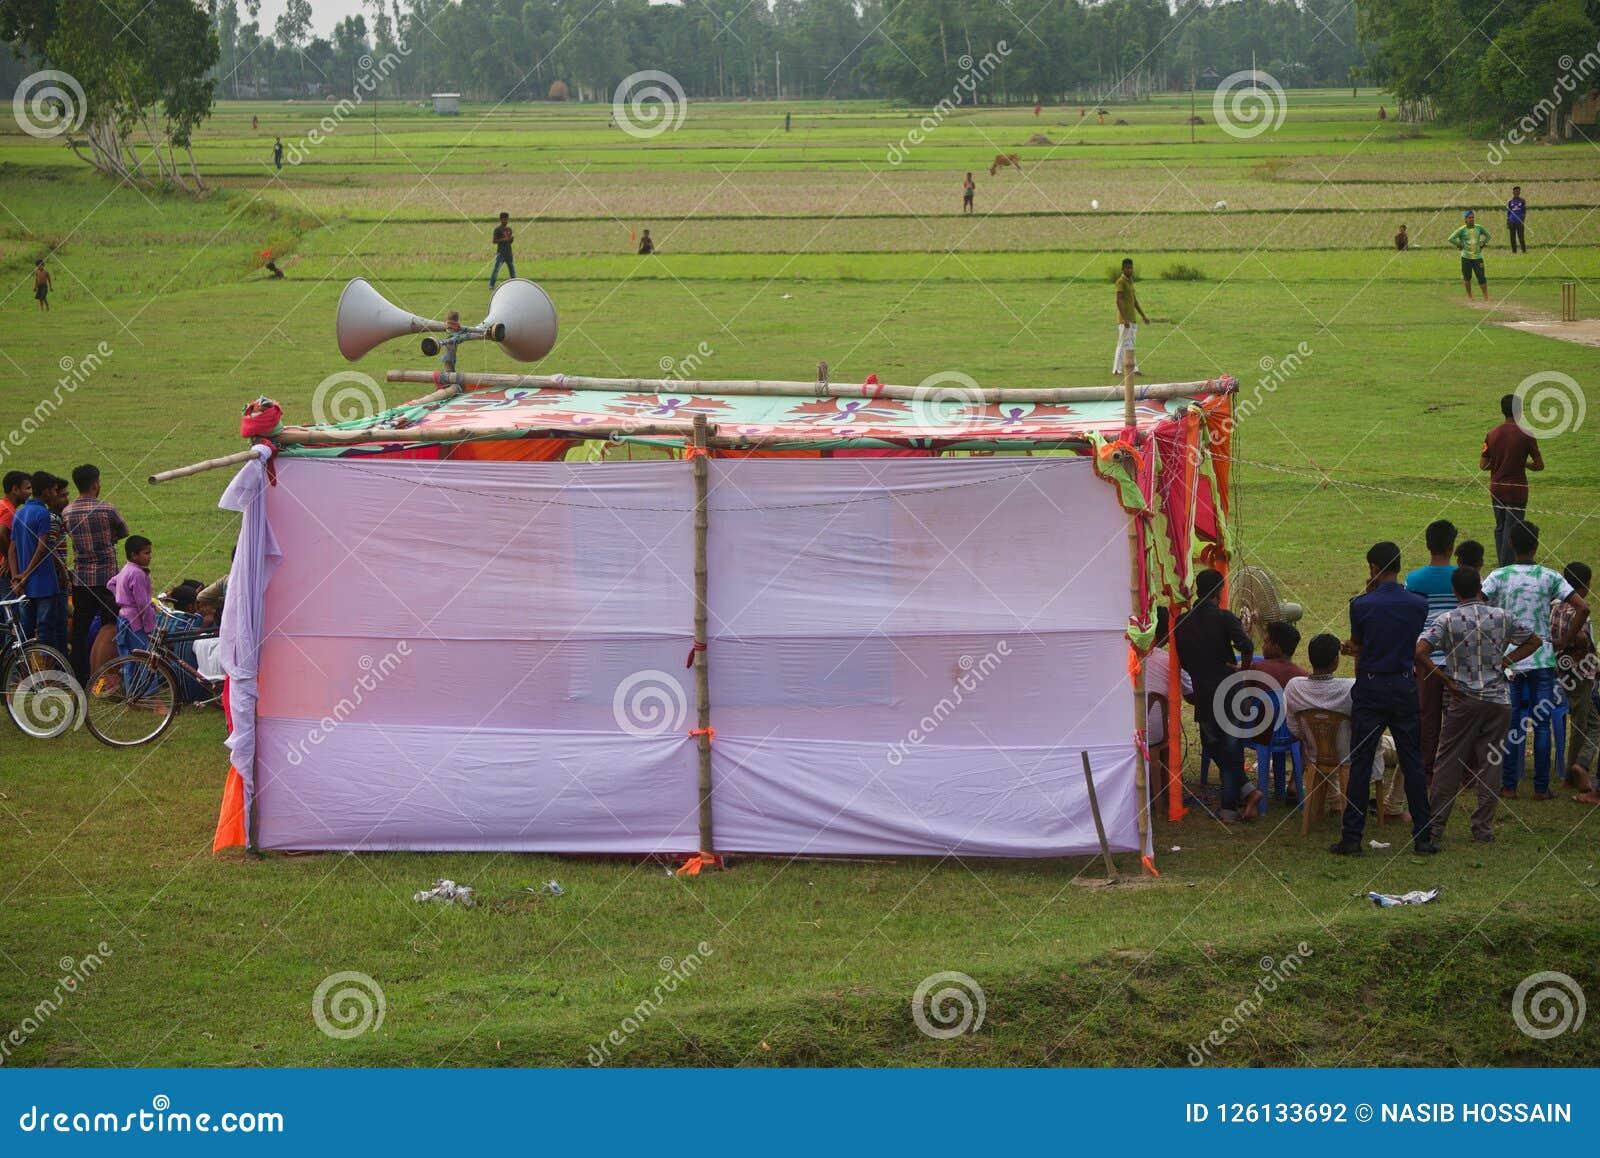 People watching cricket games around a village ground